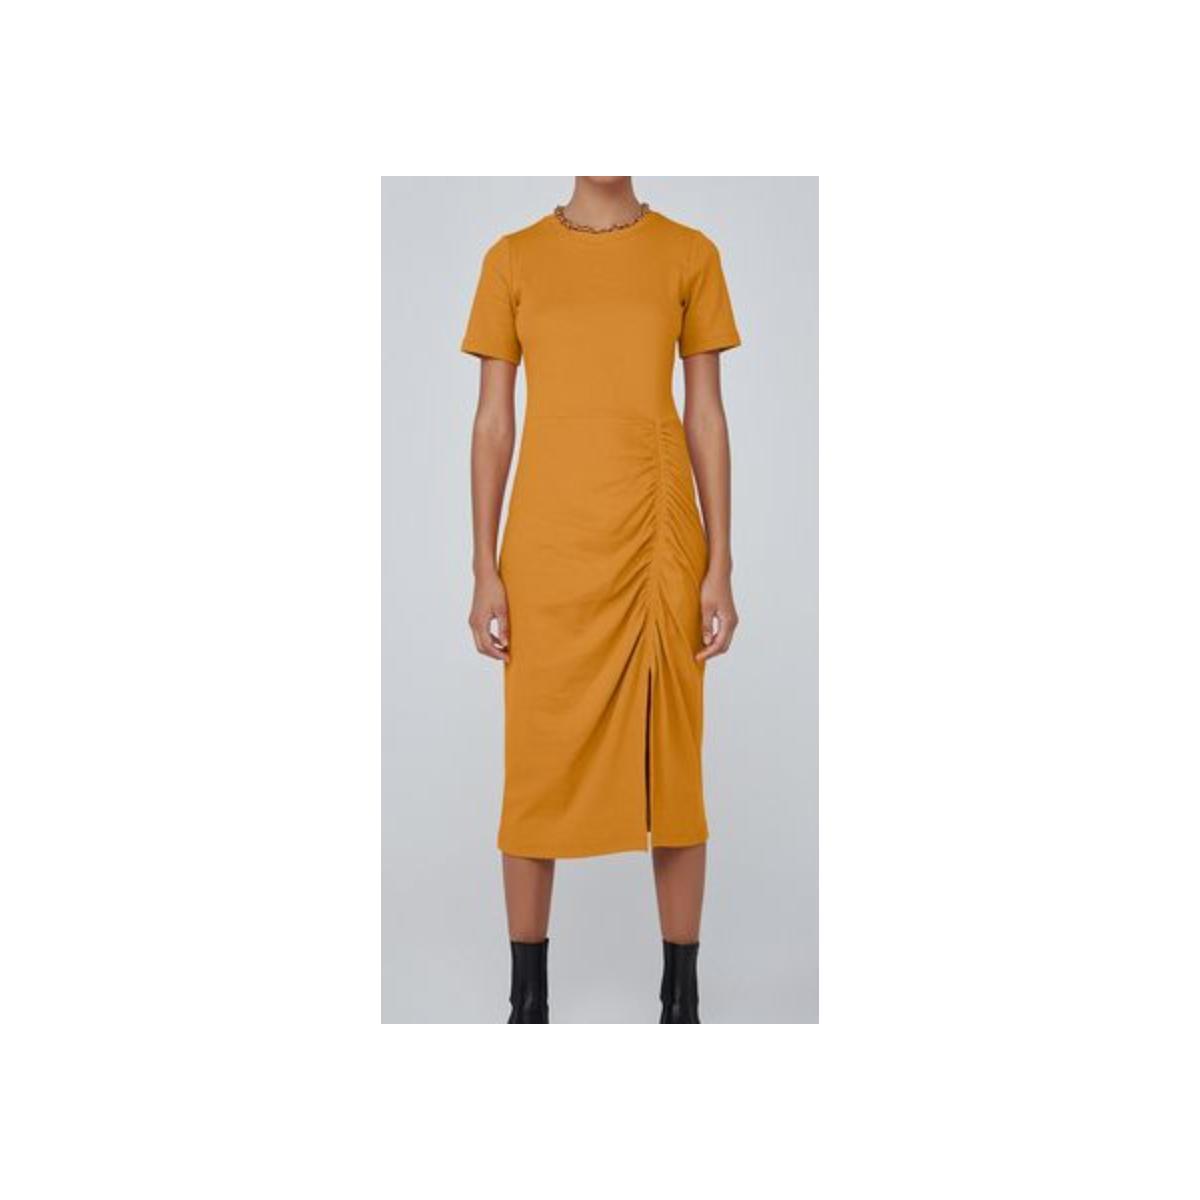 Vestido Feminino Dzarm 6qr2 Ytyen Mostarda